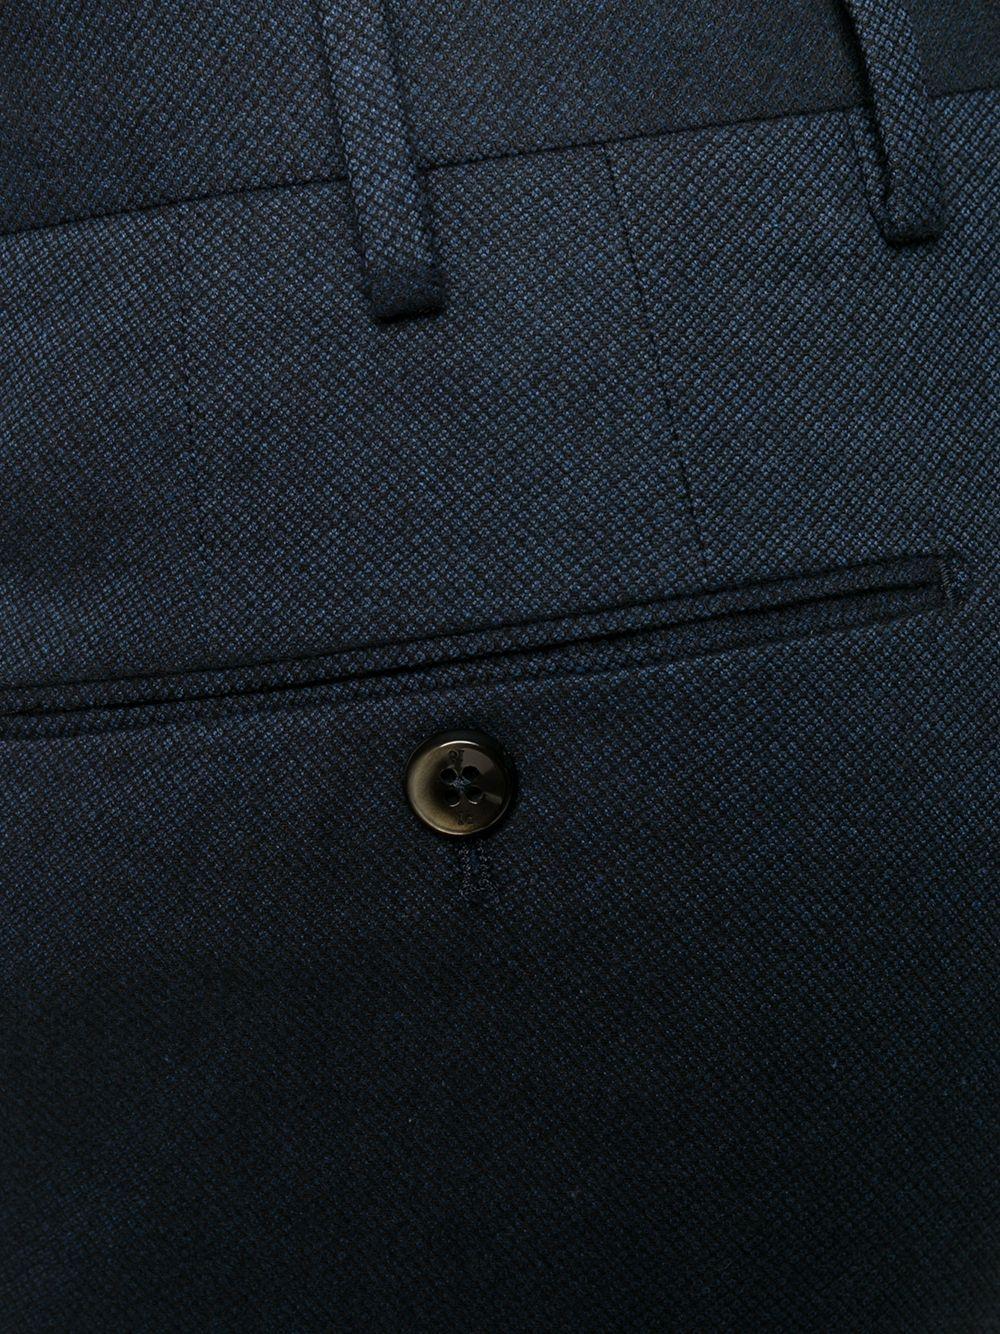 pantalone in cotone dal taglio classico con microquadri blu PT01 | Pantaloni | COKSZEZ00CL1-BB310360